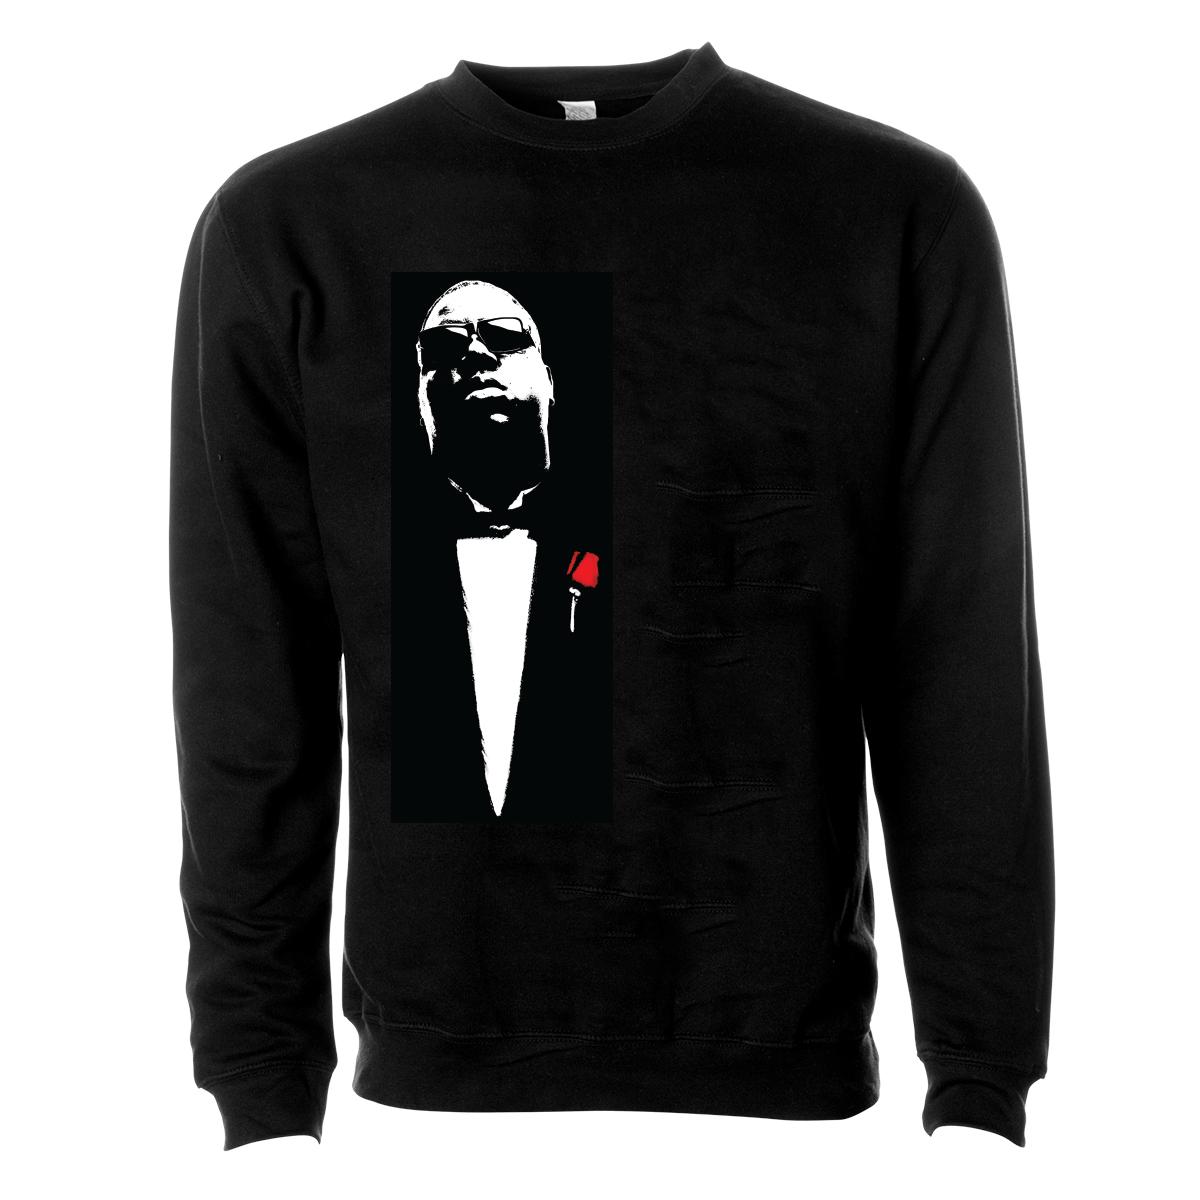 Godfather Crewneck Sweatshirt